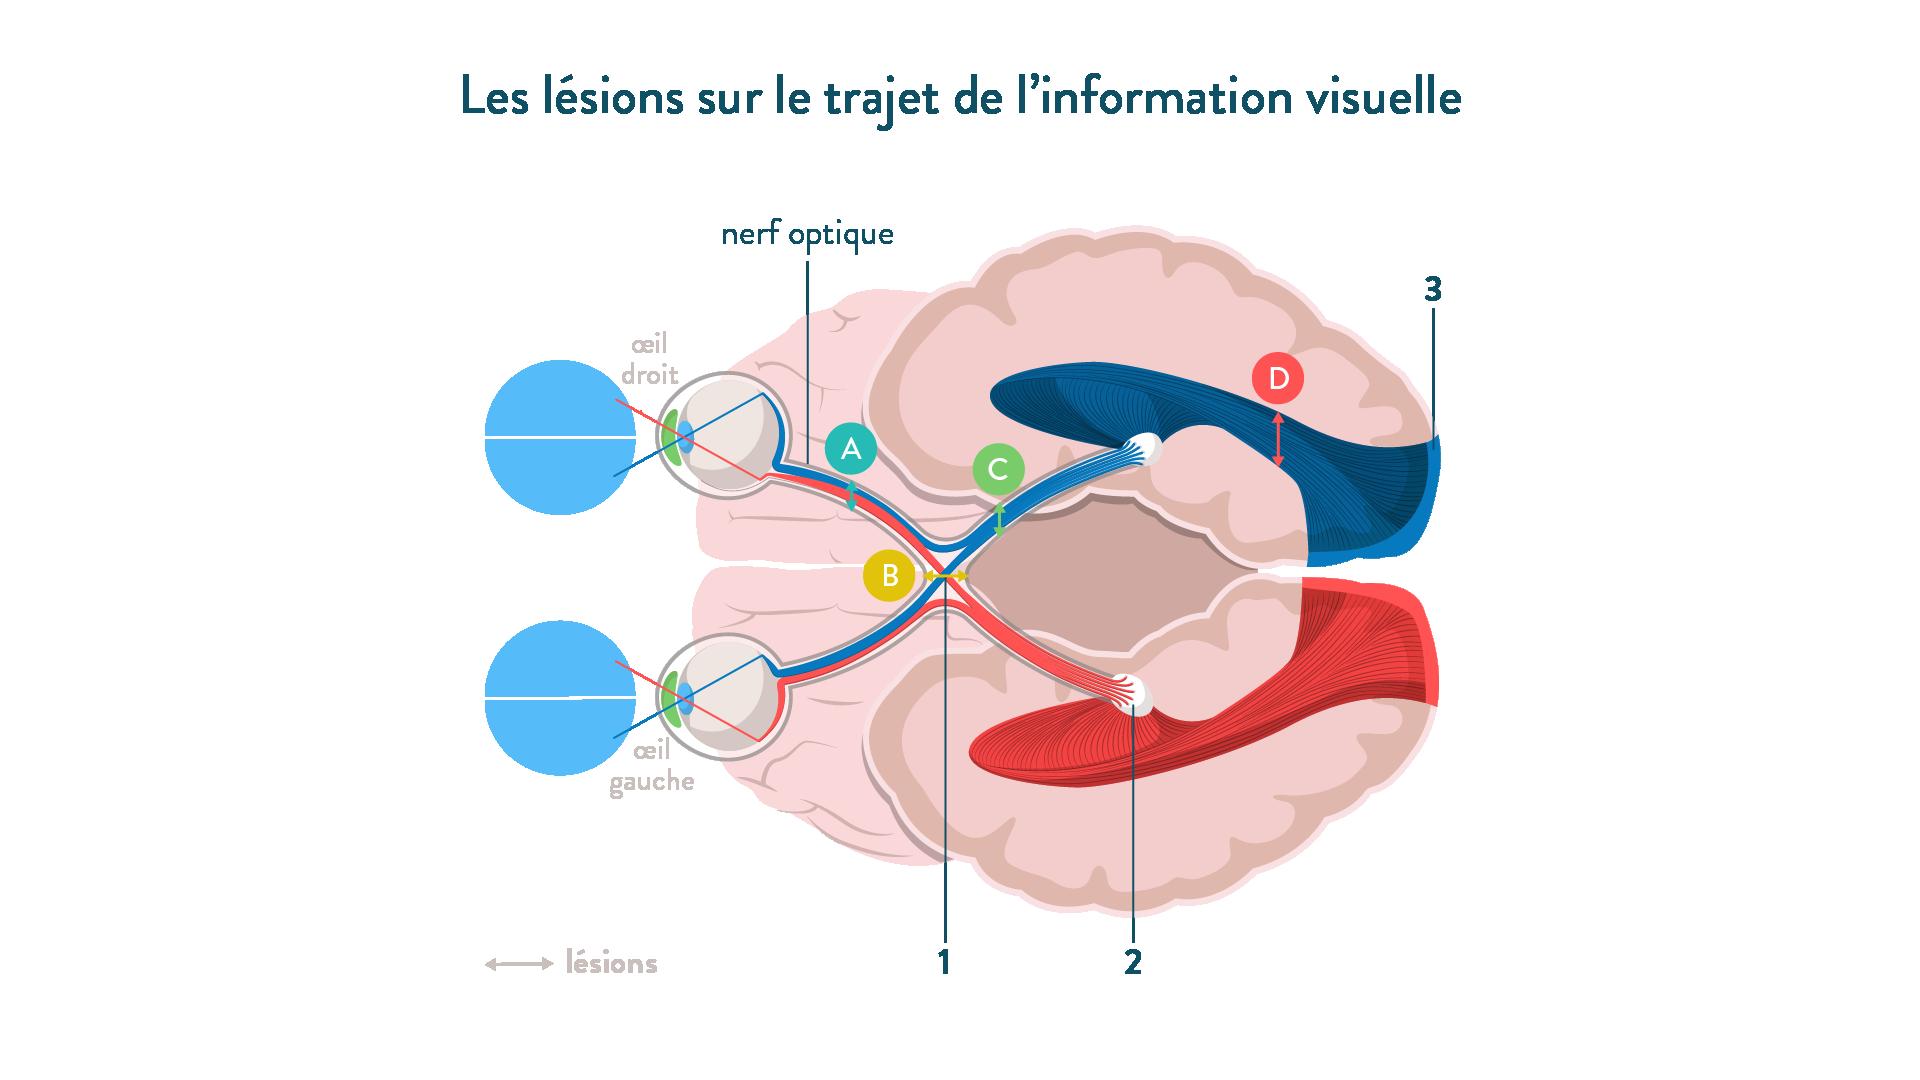 Nerf optique lésions-trajet information visuelle-sciences-1ère-es-l